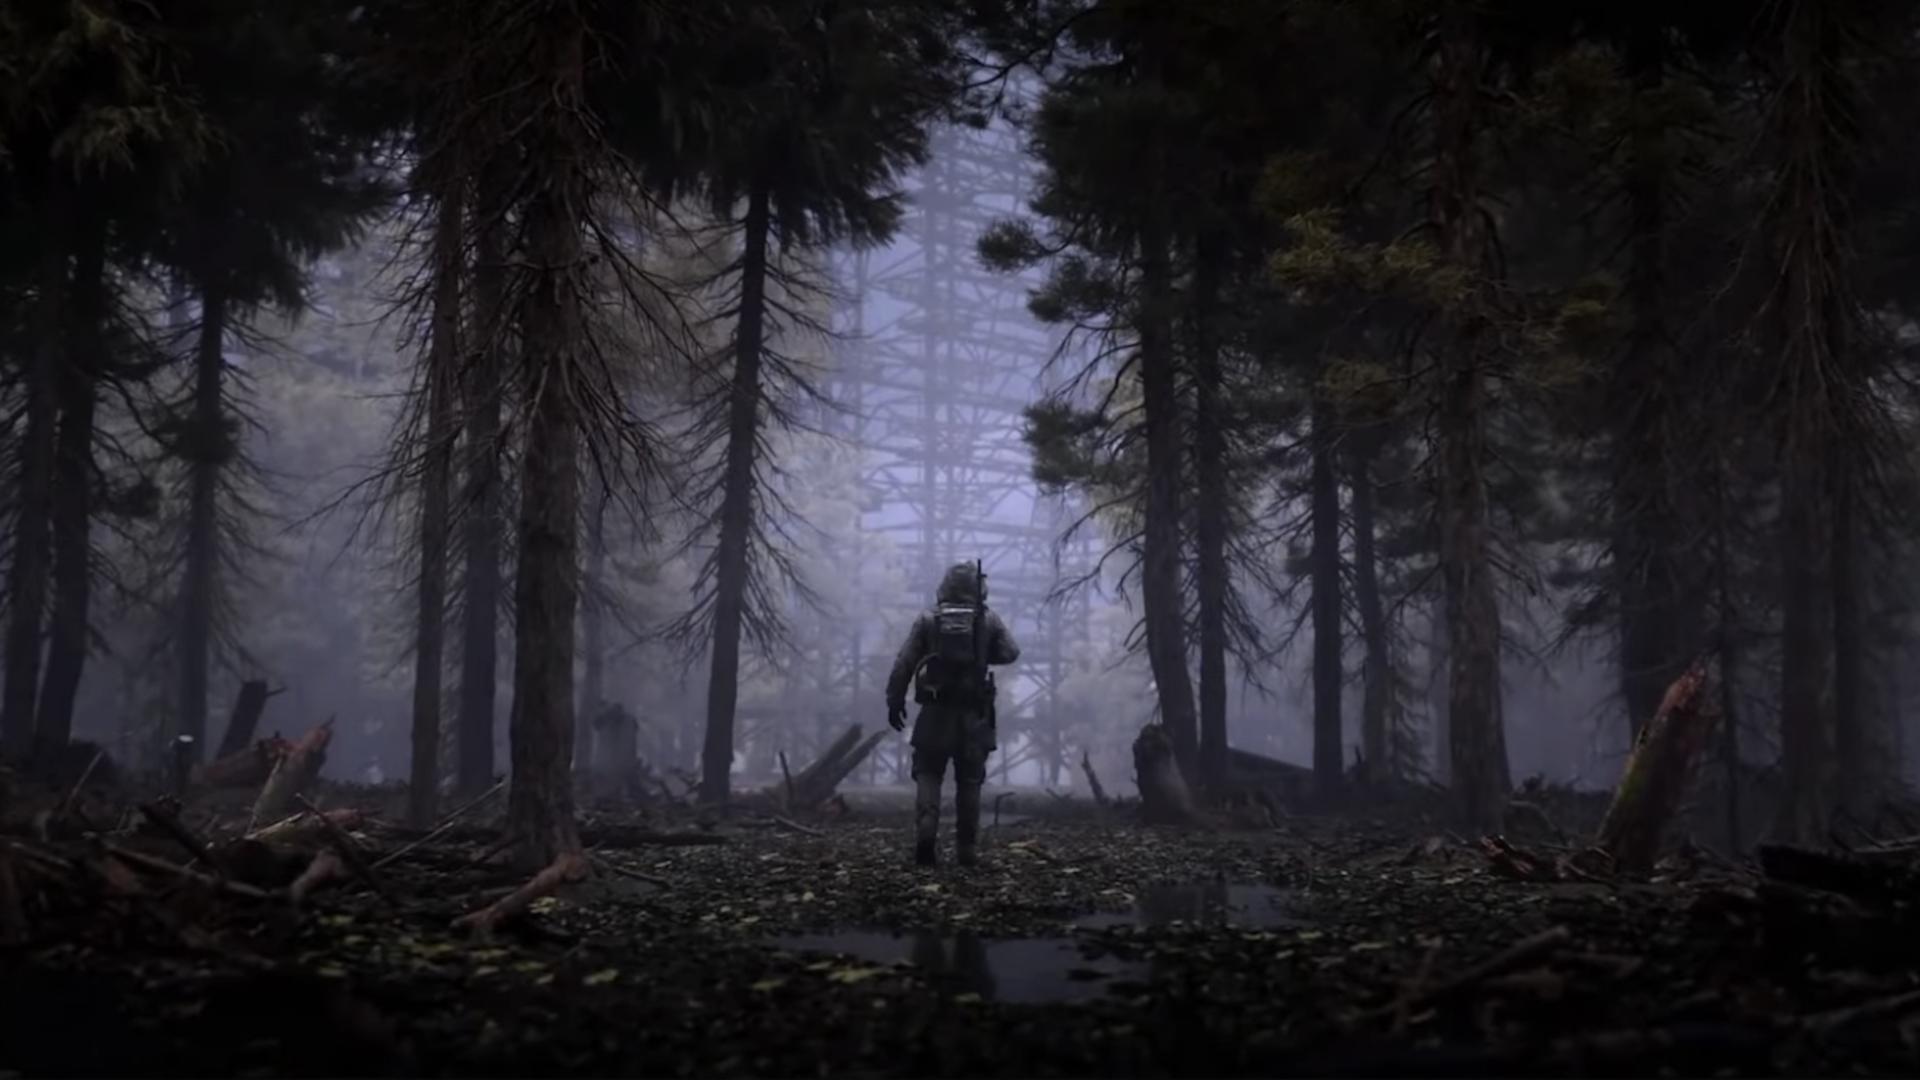 《潜行者2》内容丰富 游玩时间可达数百个小时